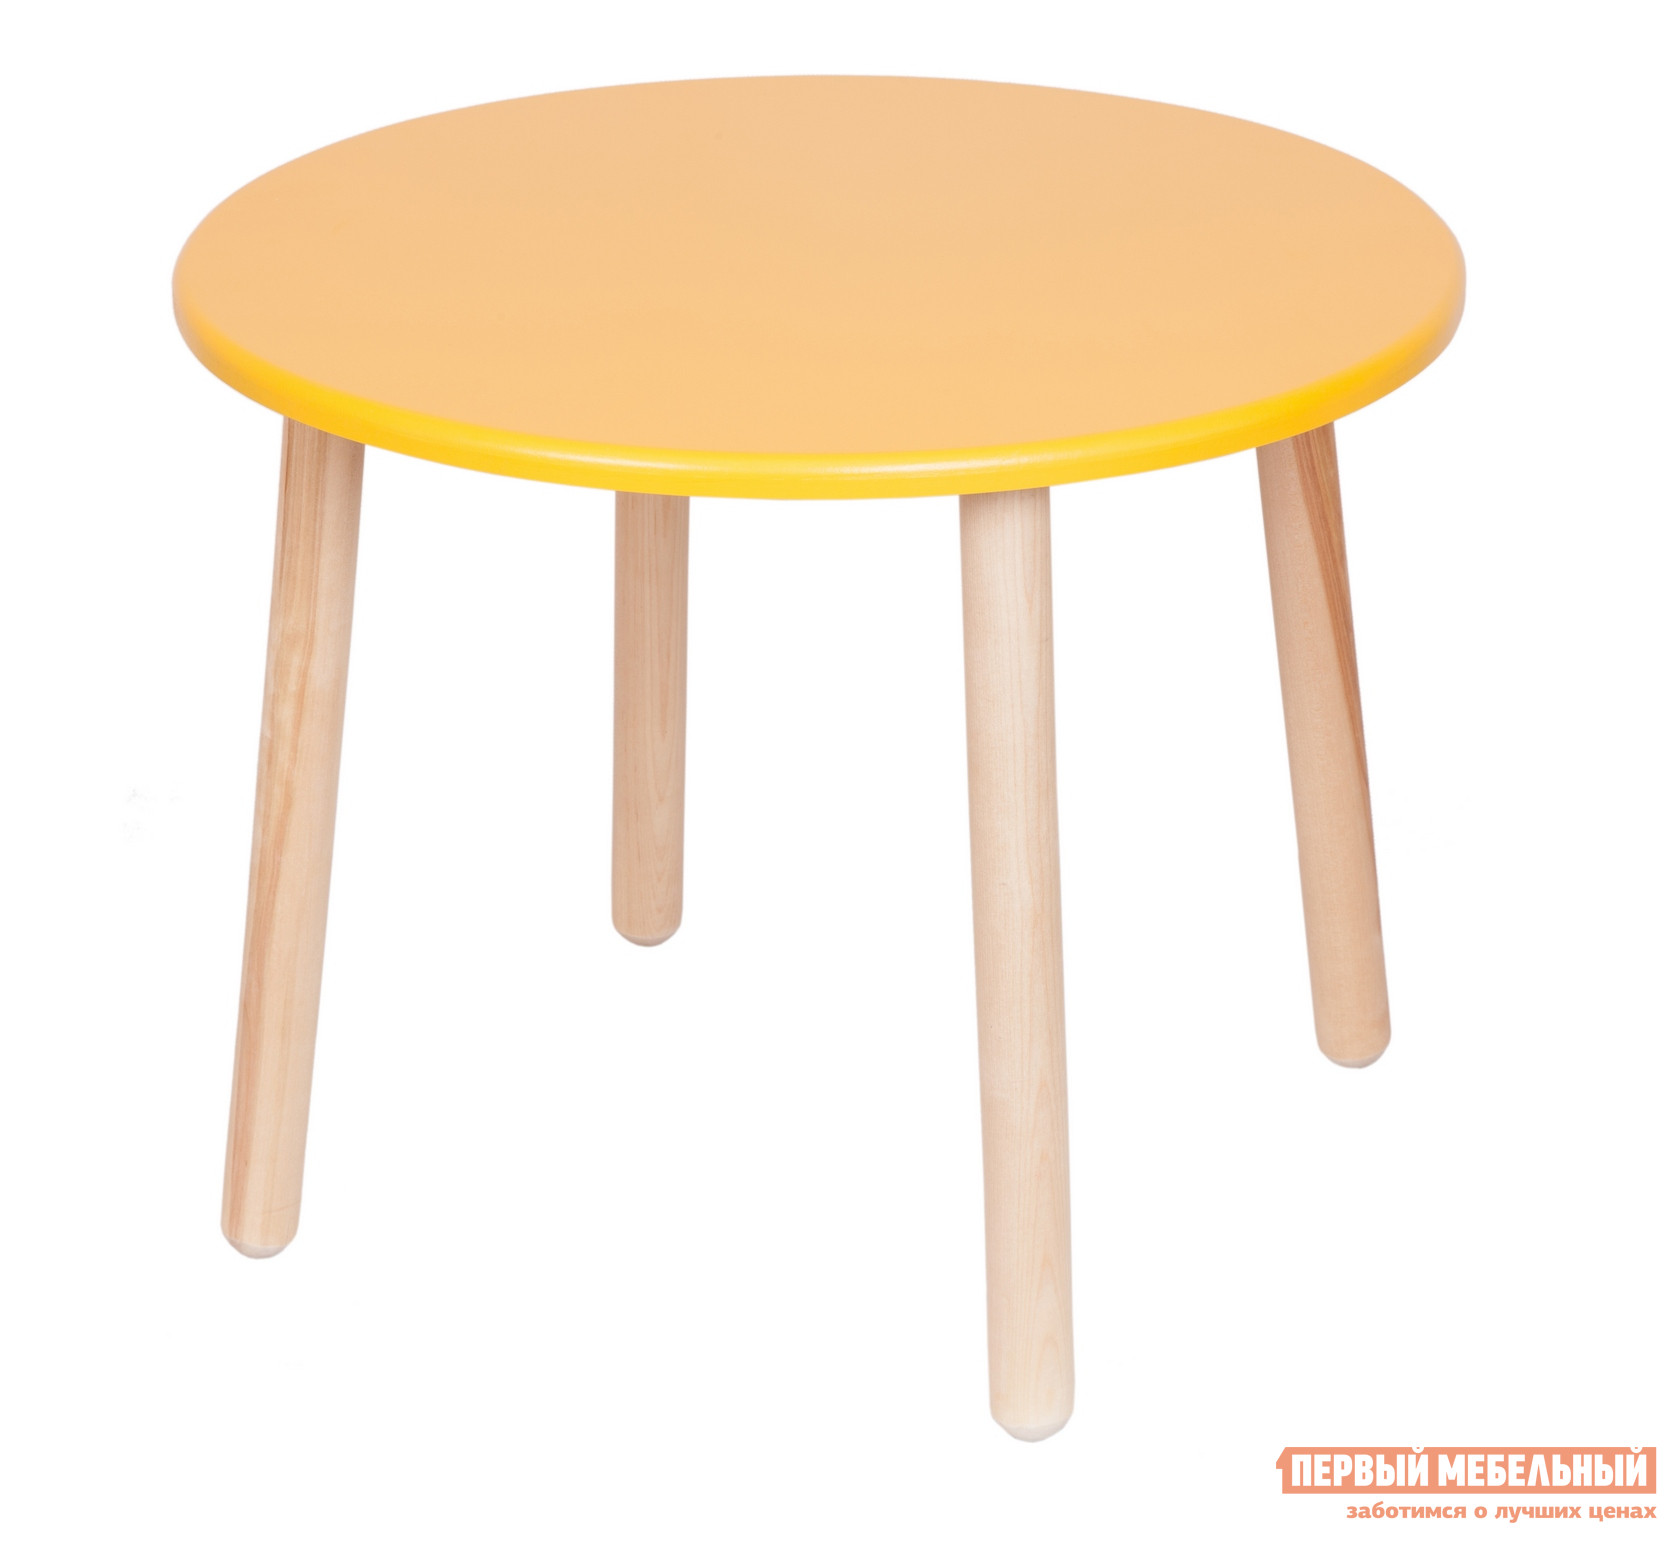 Столик и стульчик РусЭкоМебель Стол Круглый Д60 ЭКО Эко желтый